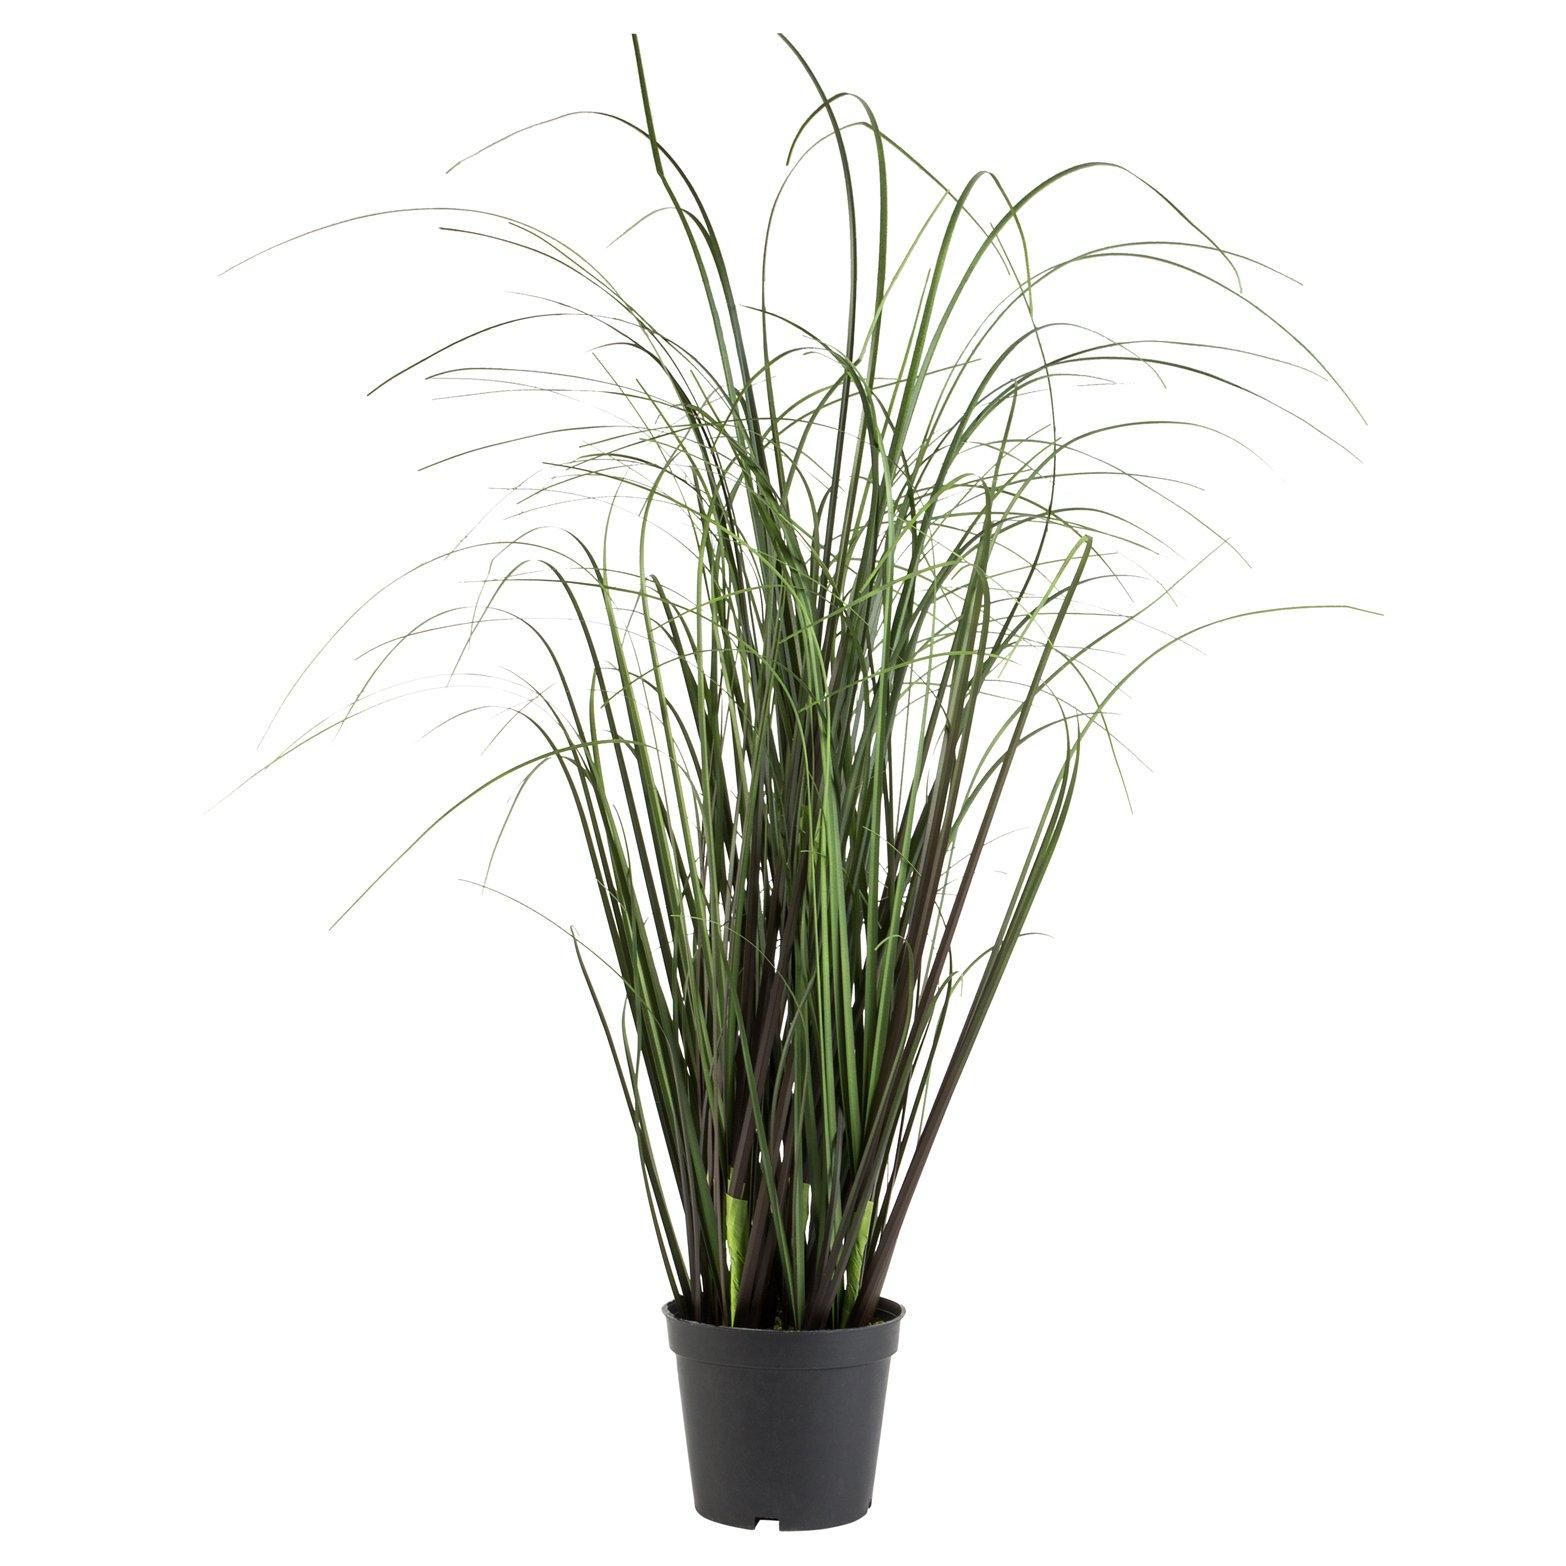 Gressplante i potte håndlaget